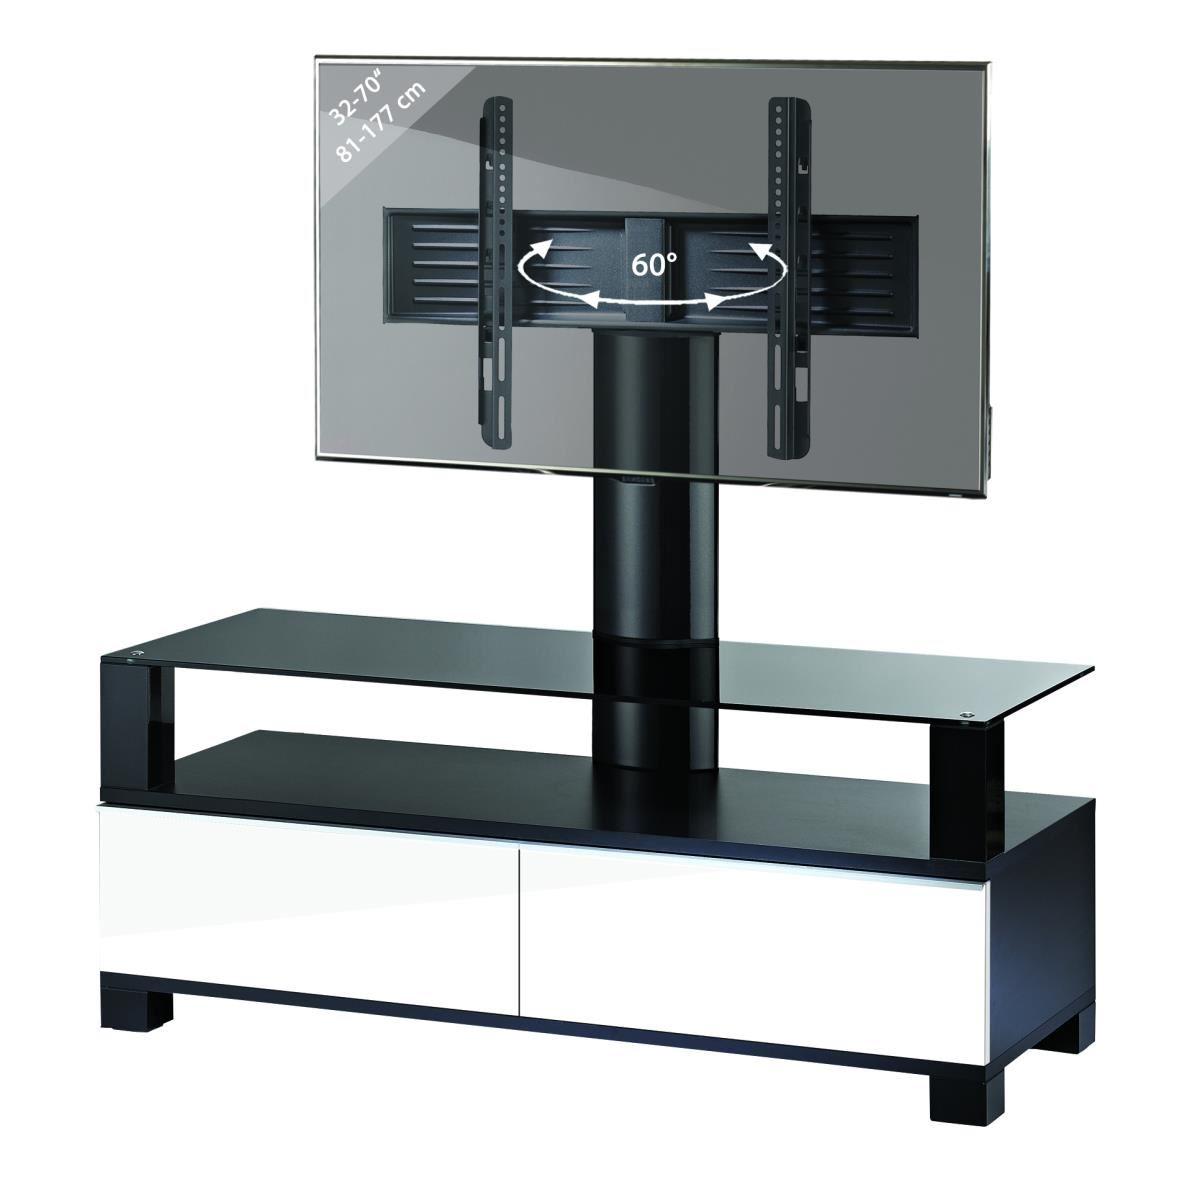 meuble tv Meuble TV haut de gamme ave? Soldes* d?été